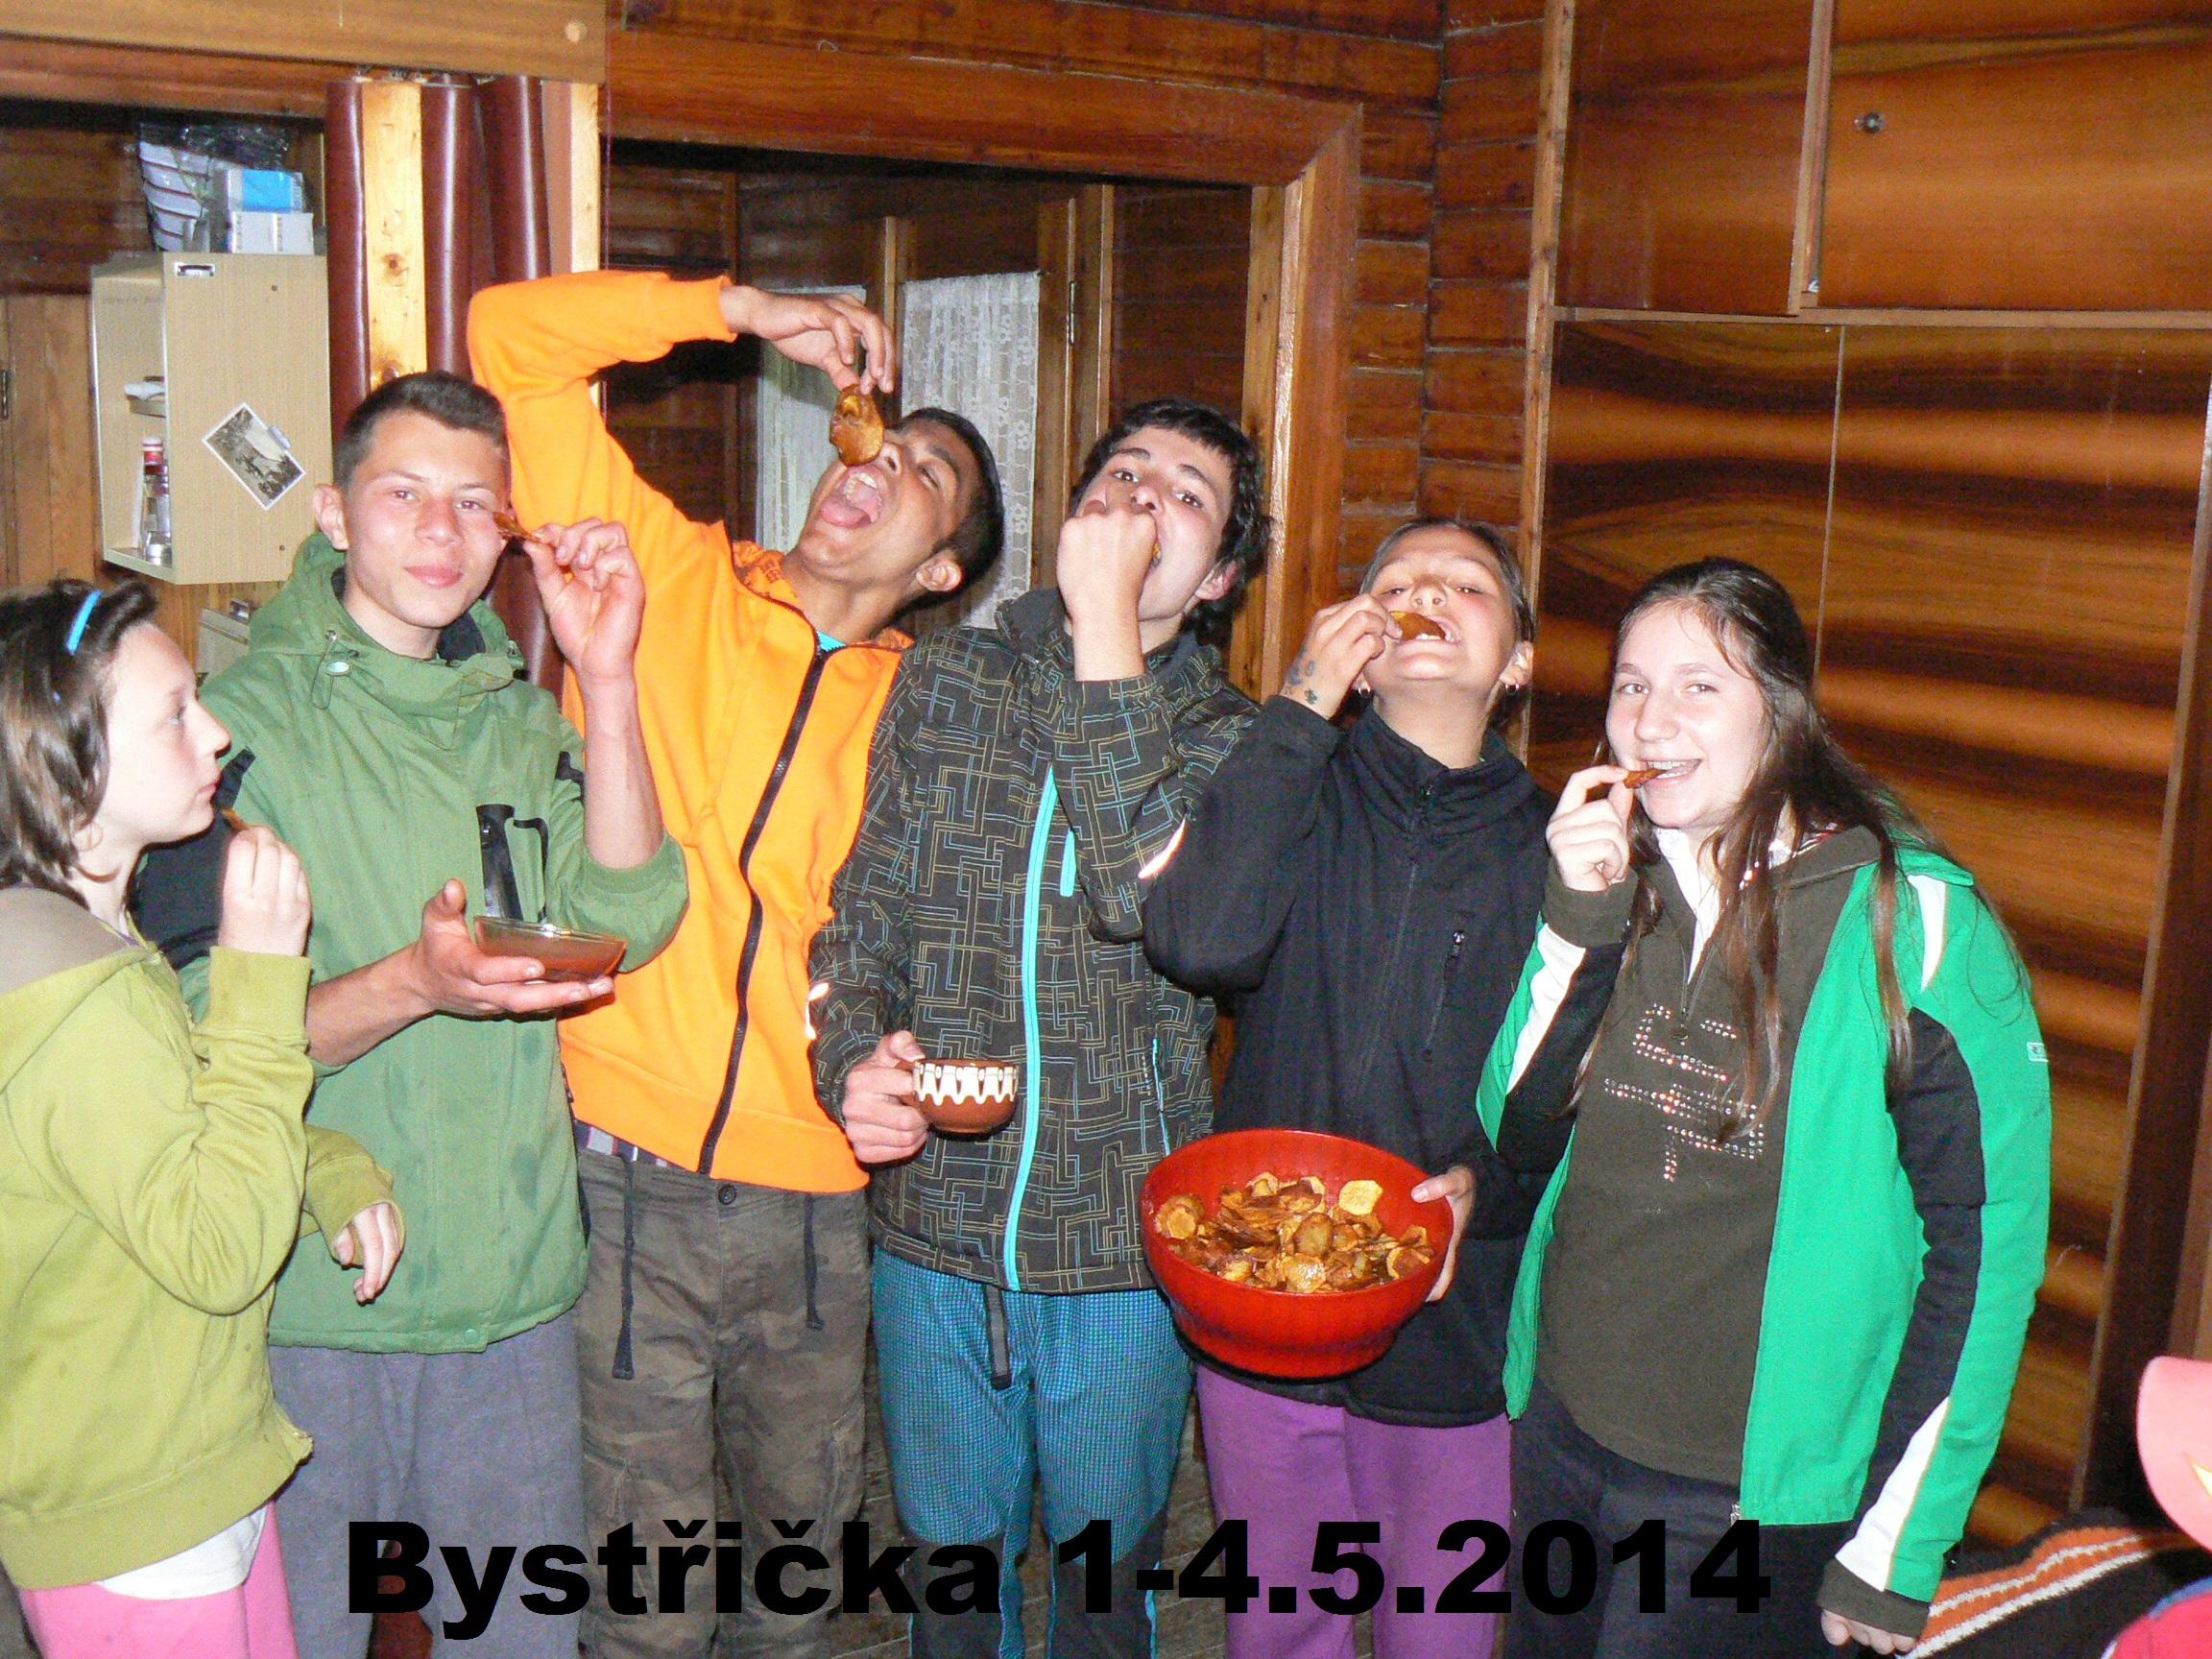 Bystricka_1-4.5.2014